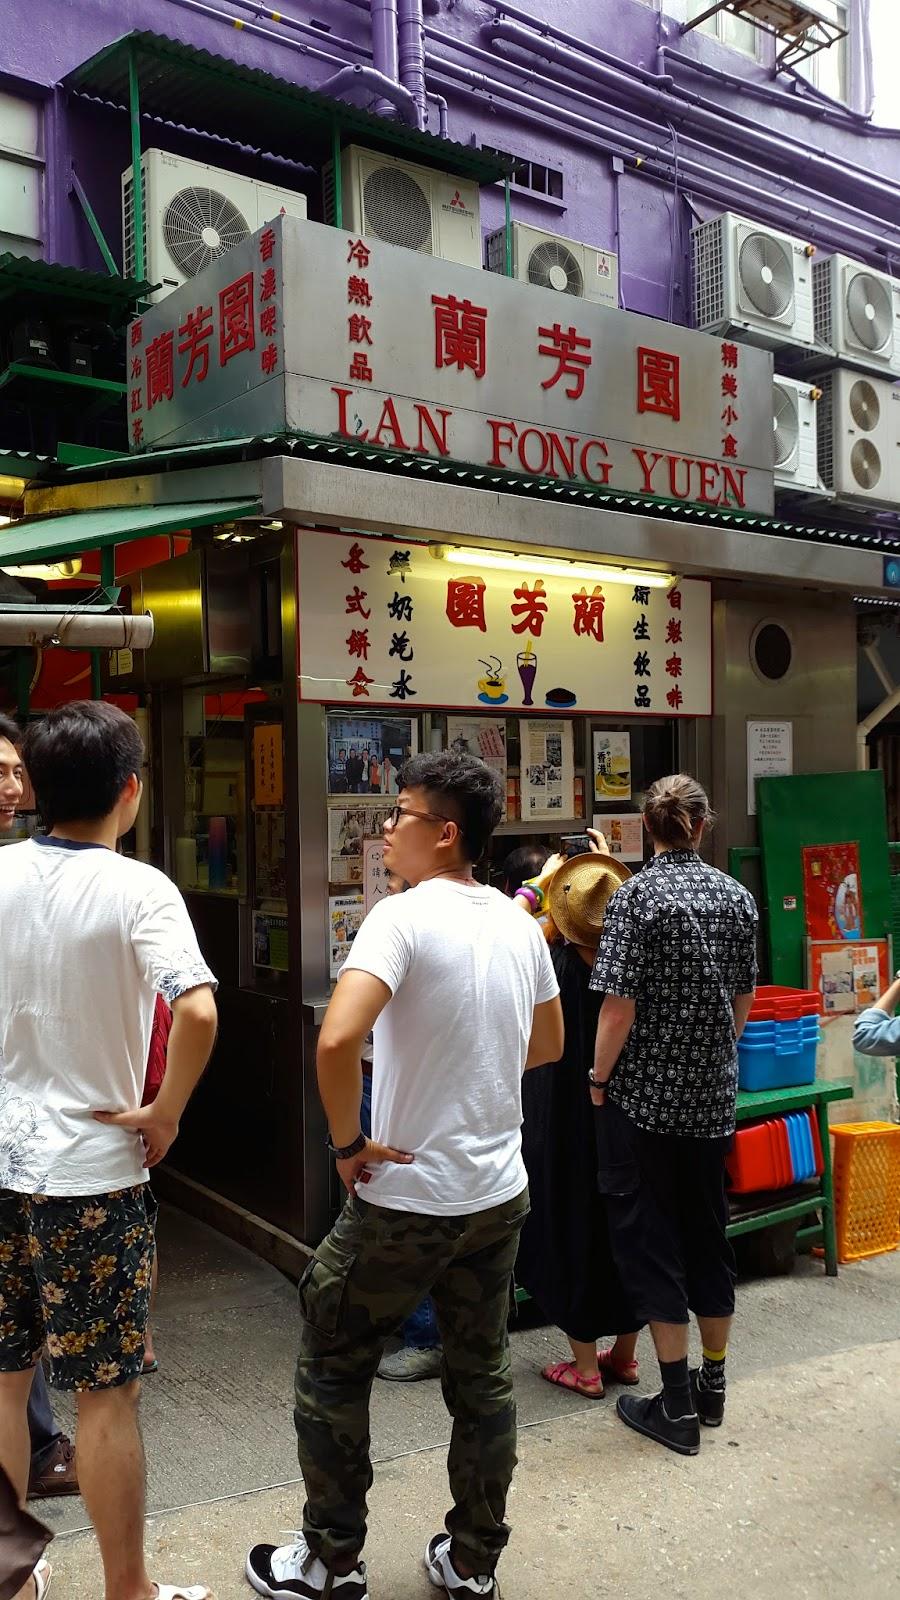 Lan Fong Yuen Gage Street Central Hong Kong